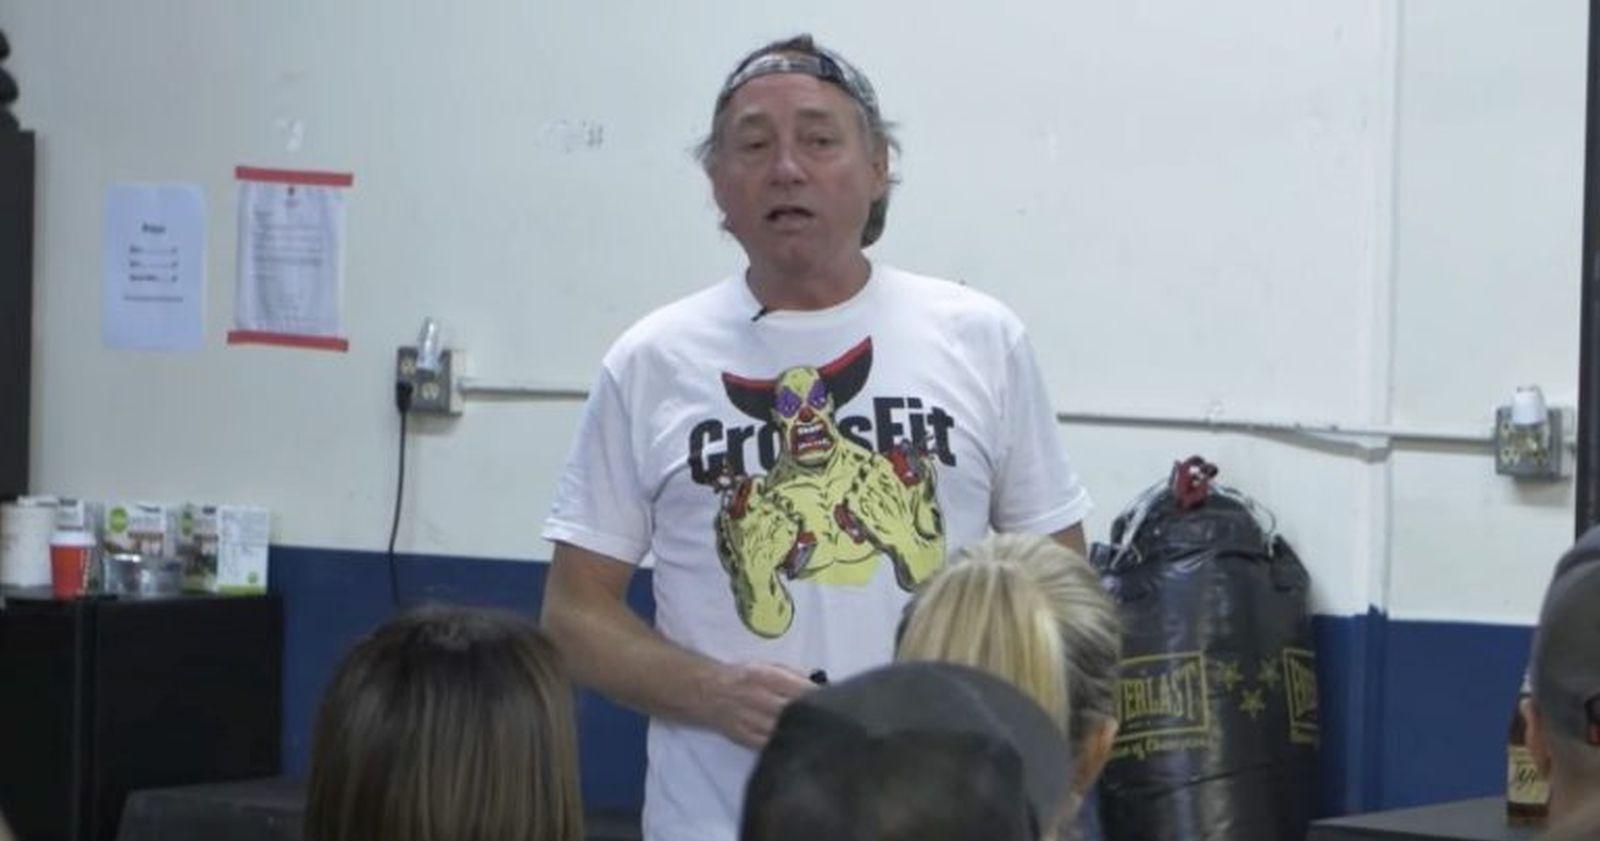 Fundador de CrossFit renunció tras dichos racistas sobre George Floyd